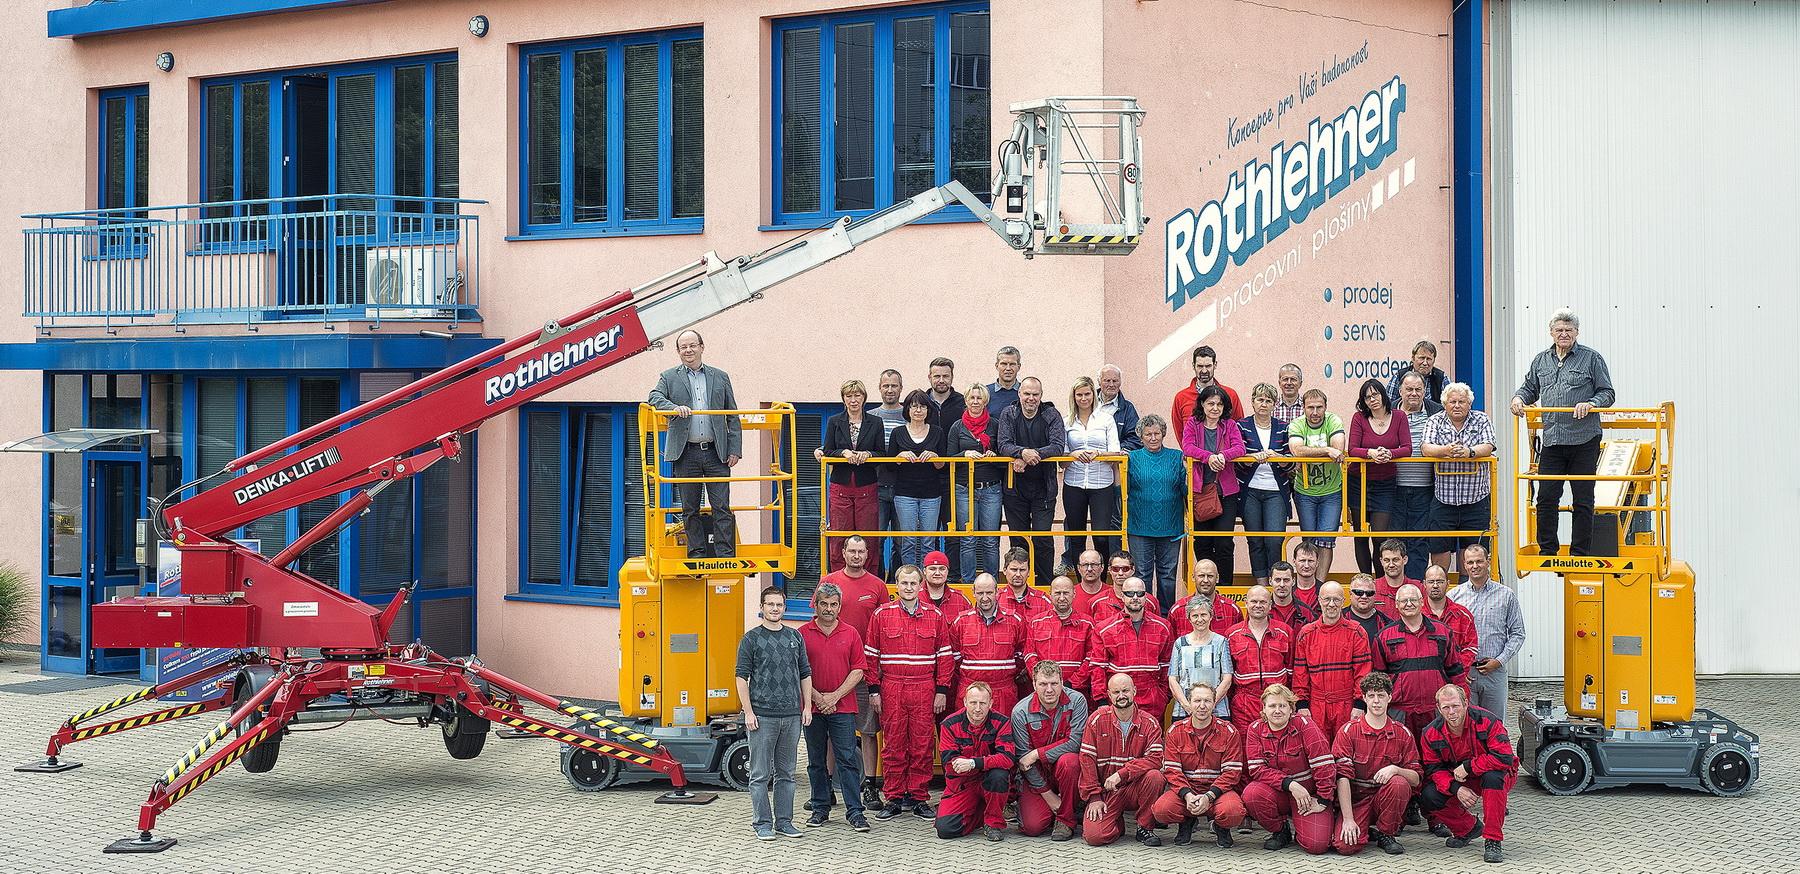 Rothlehner Arbeitsbühnen - krivsoudov